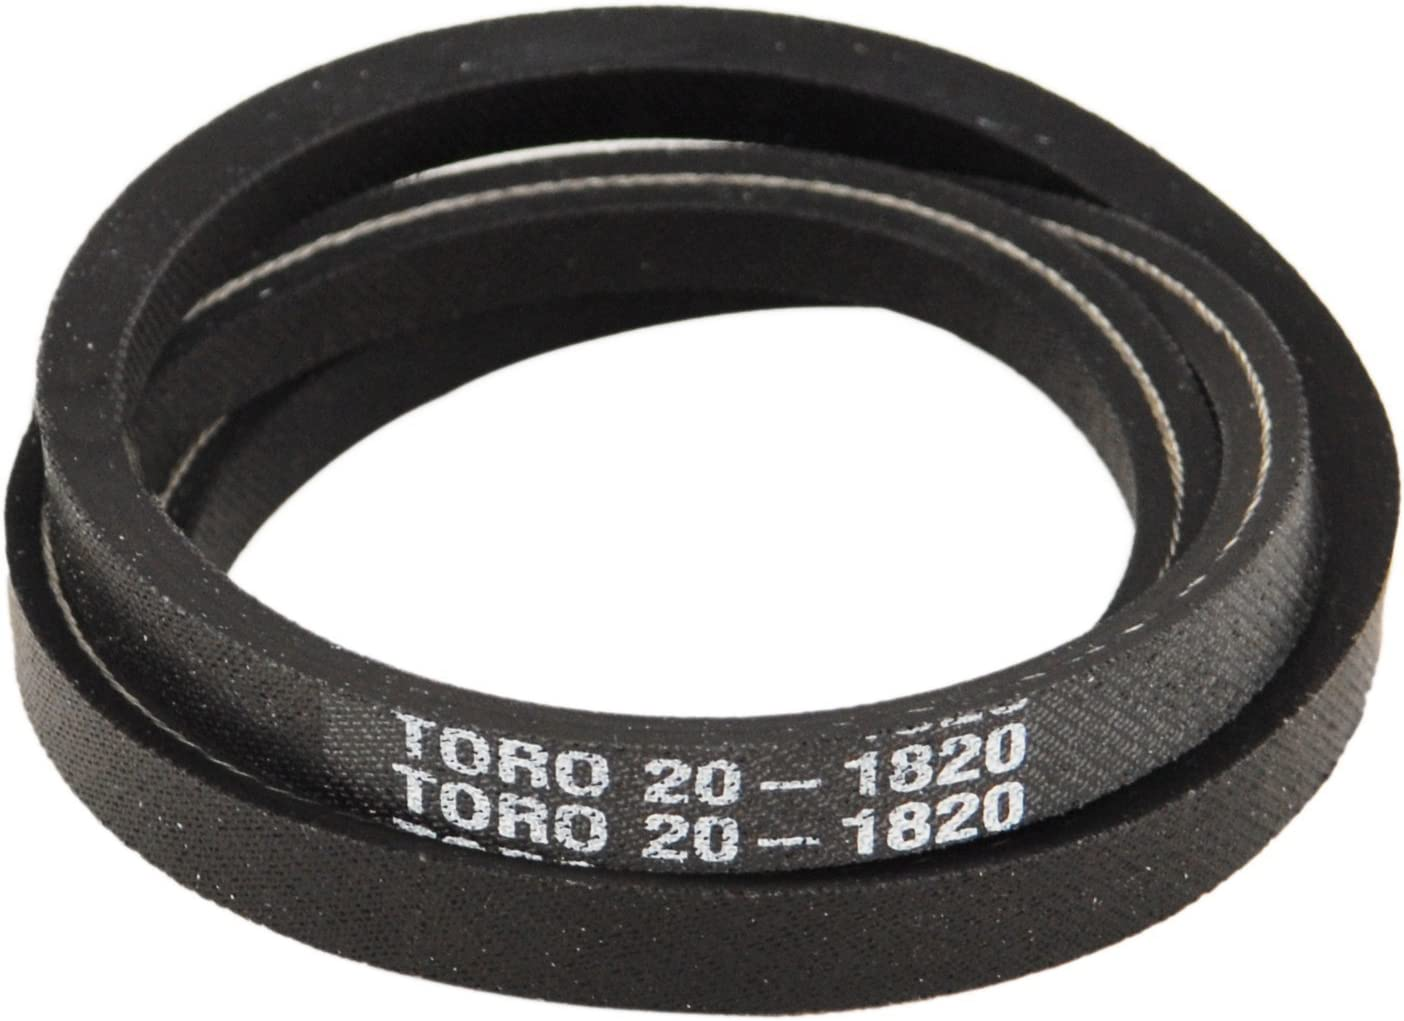 20-1820 Toro V-Belt Snowthrower 31624 31625 31677 38040 38045 38050